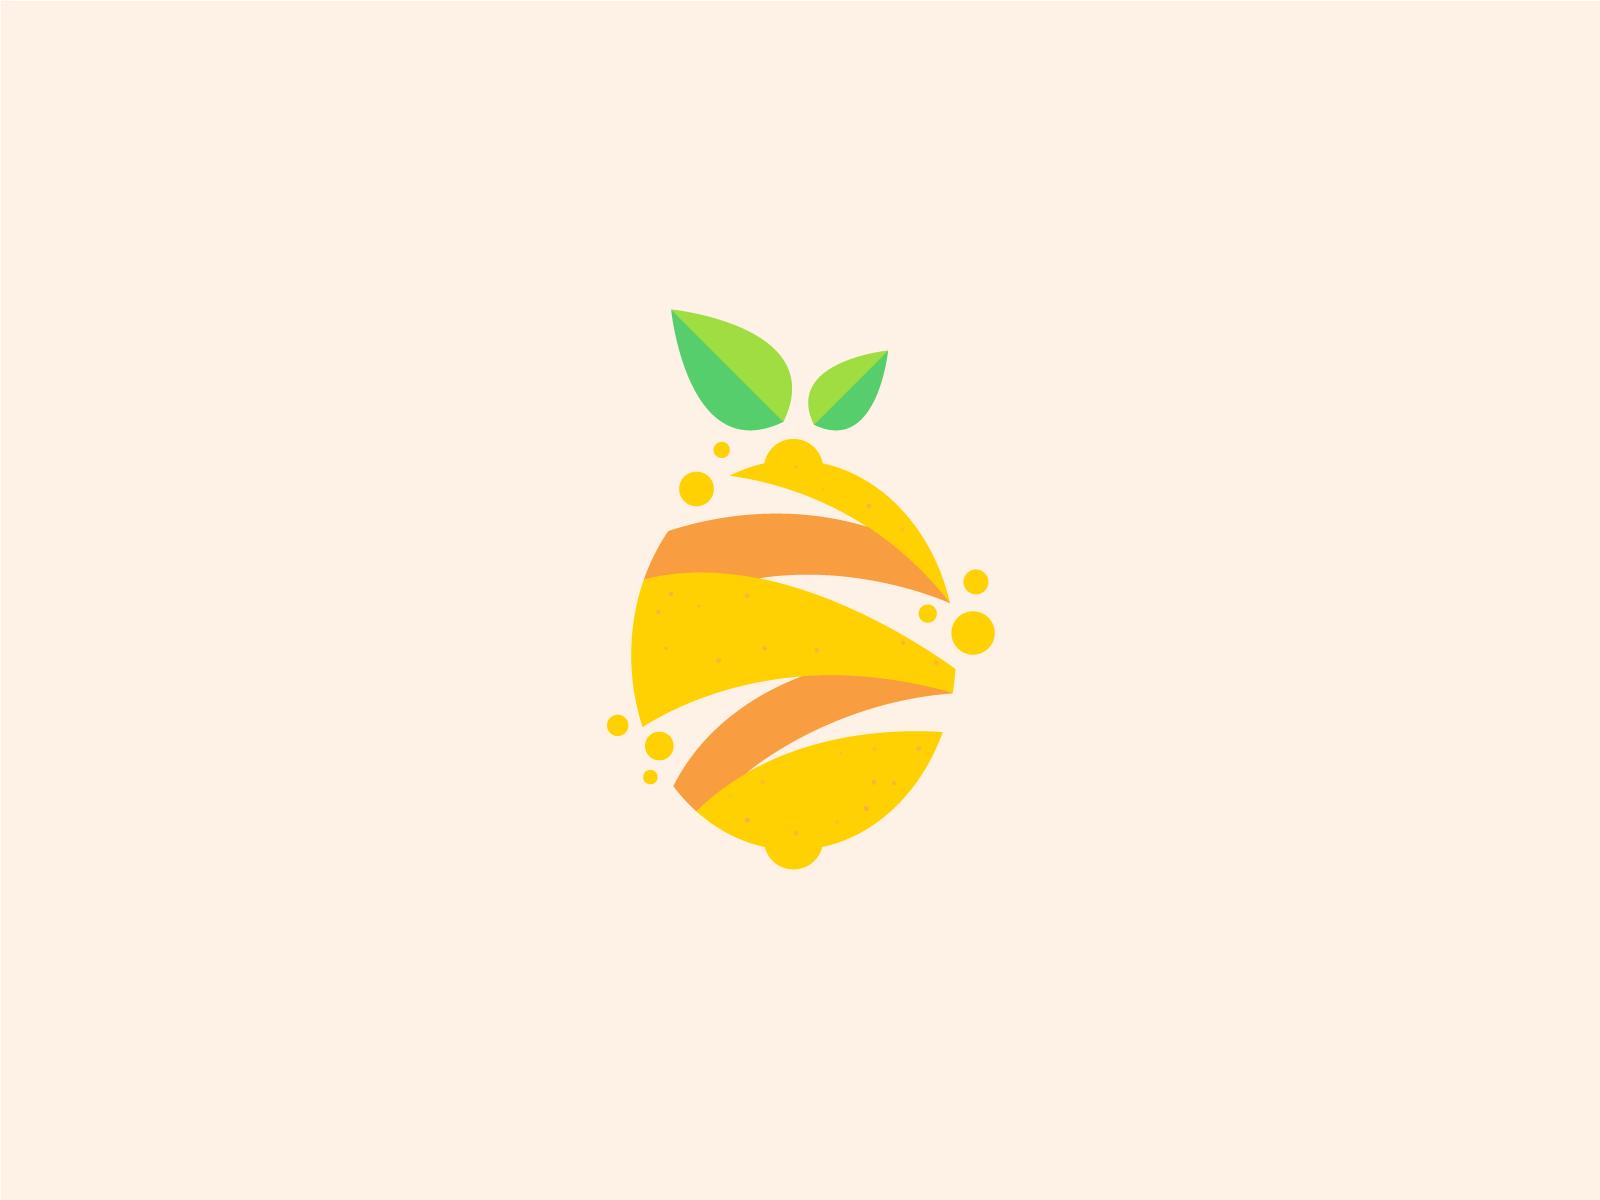 Lemon Fruit modern logo design by Bojan Sandic on Dribbble.